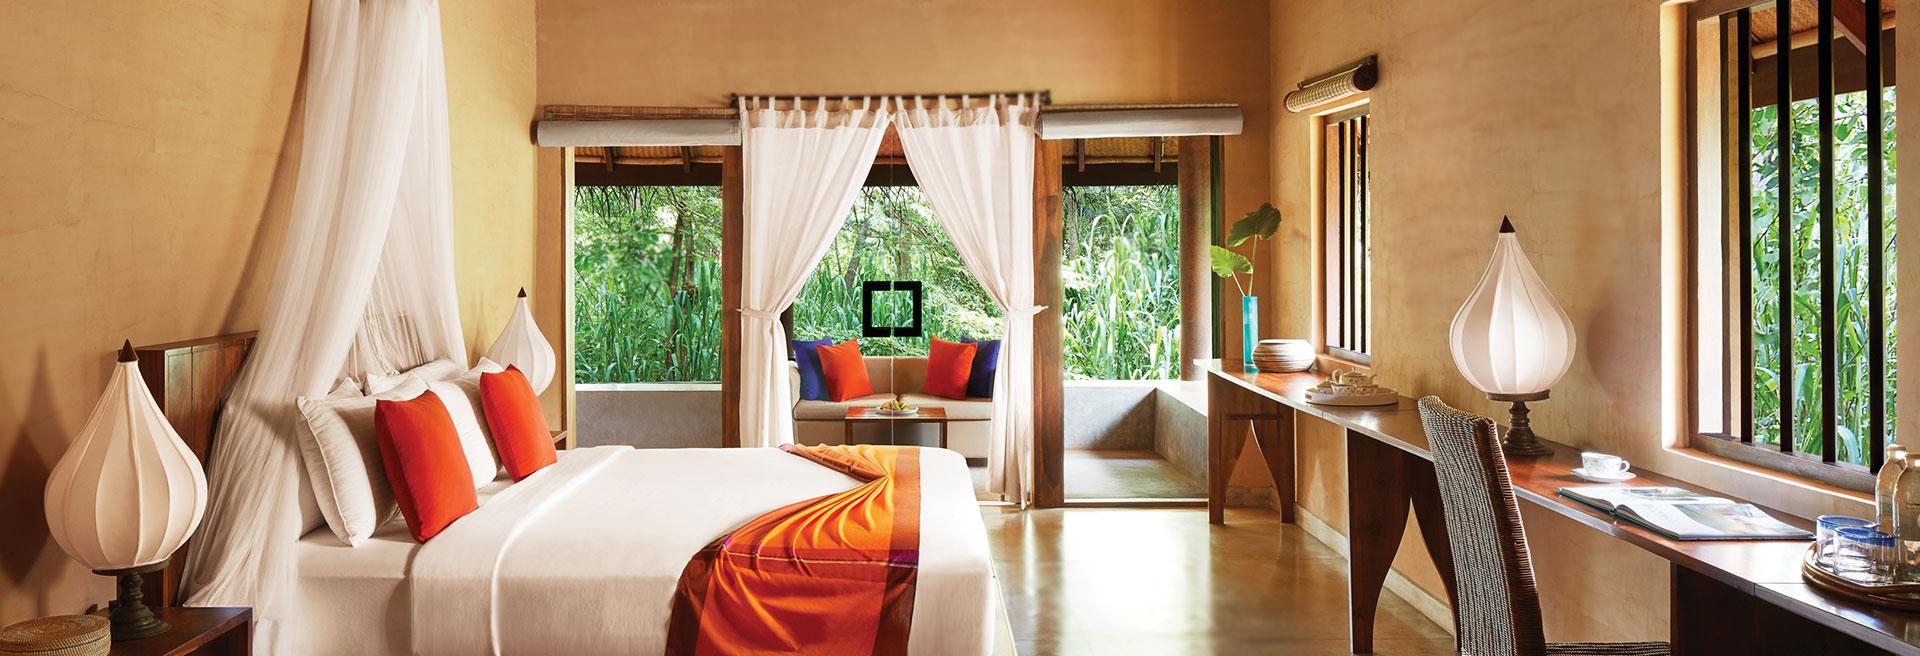 Hotel Sigiriya Sri Lanka